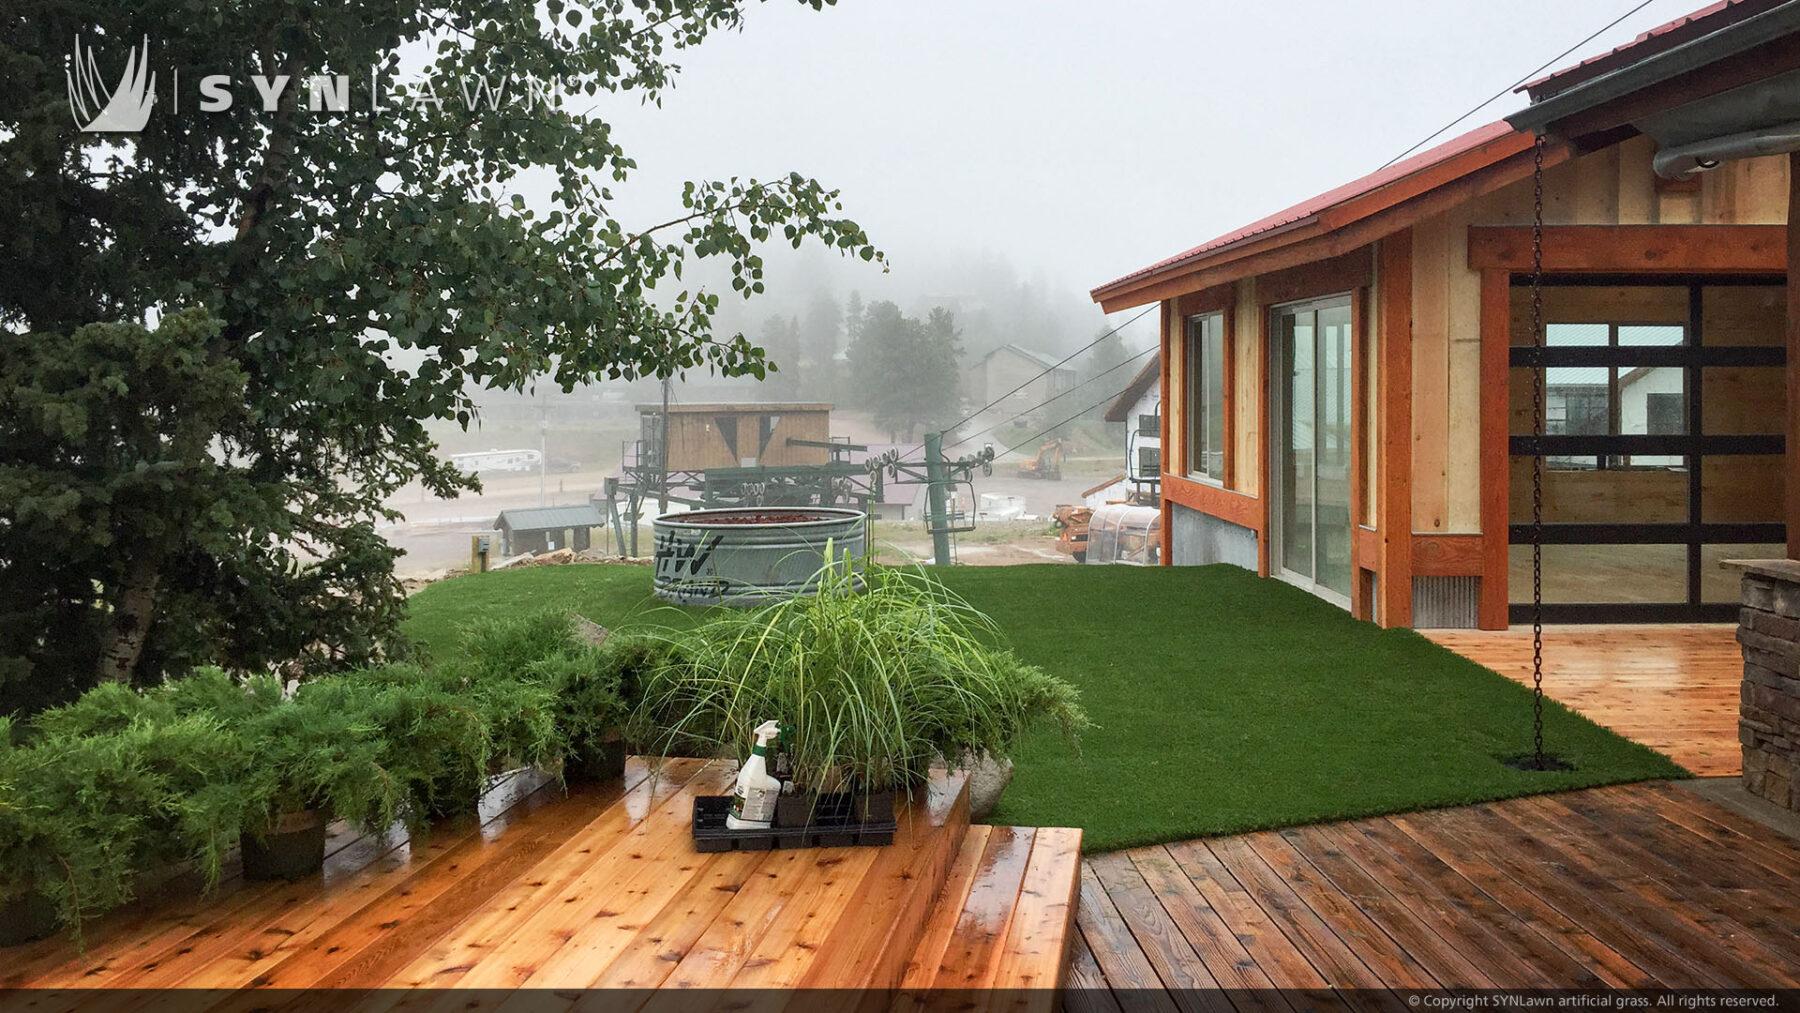 Backyard lawn, artificial grass install near me